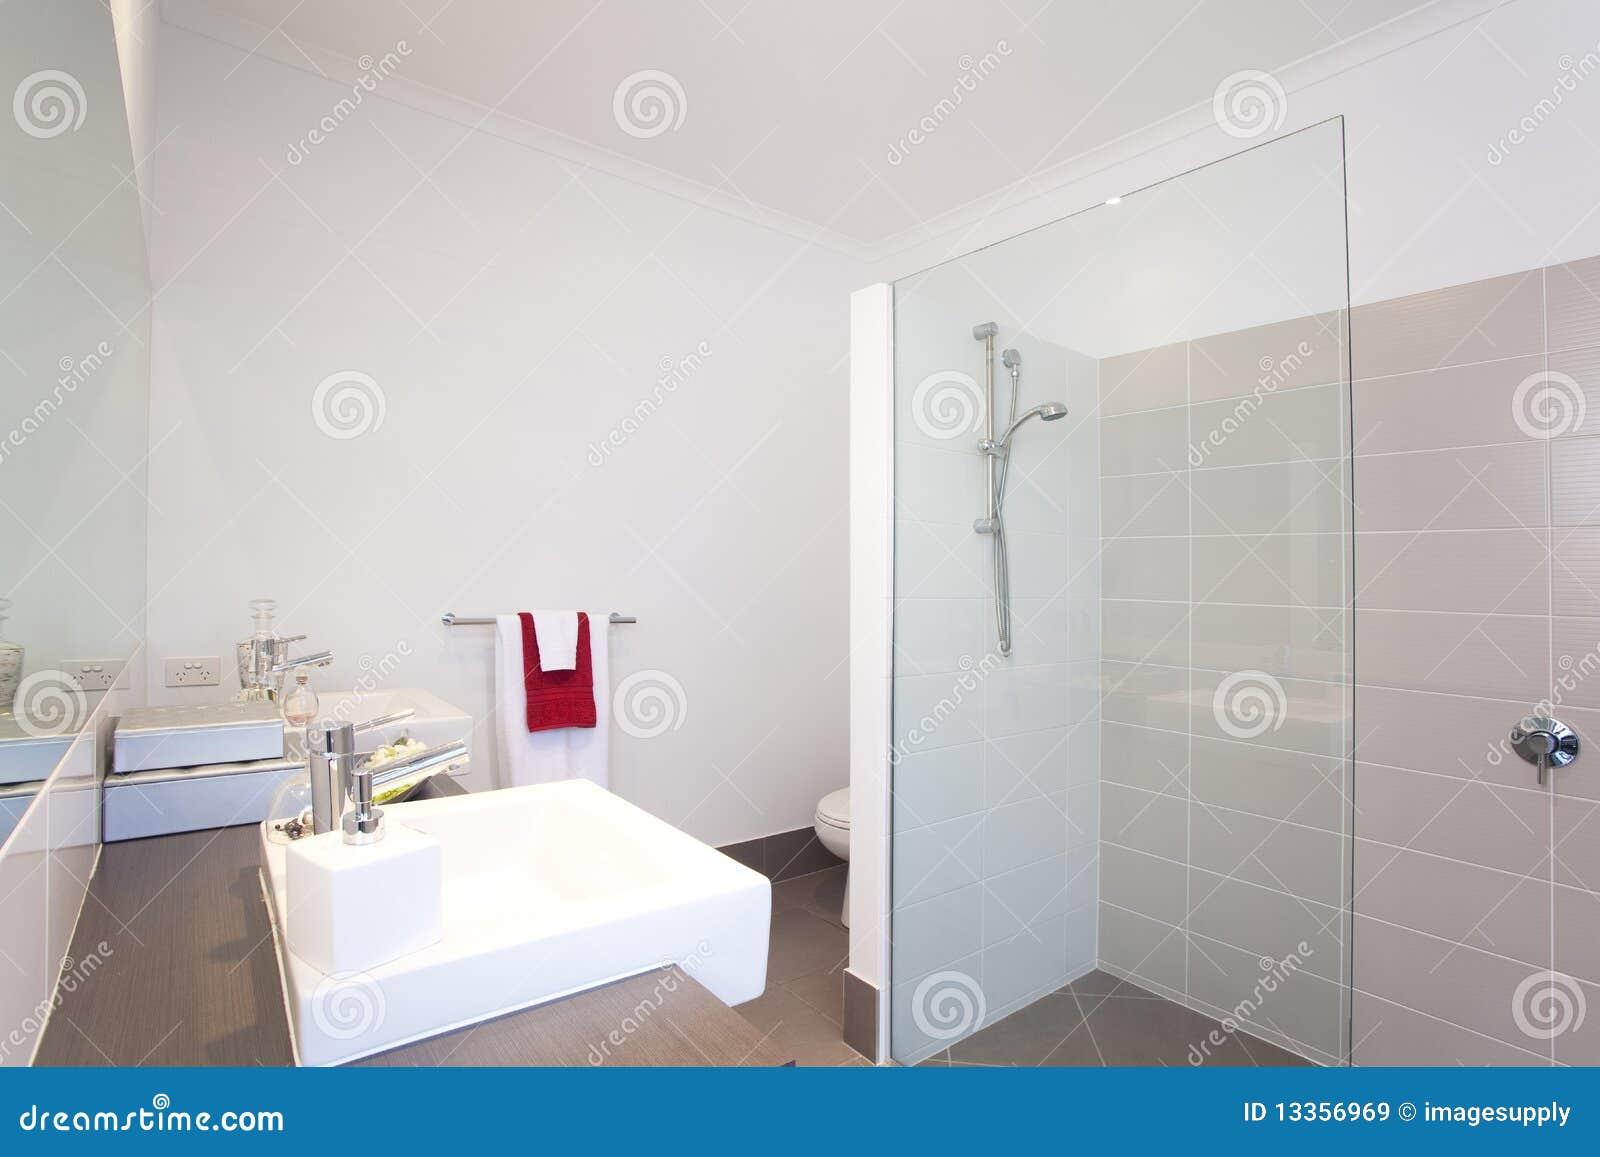 Salle de bains dans la maison urbaine moderne image stock for Prise dans la salle de bain